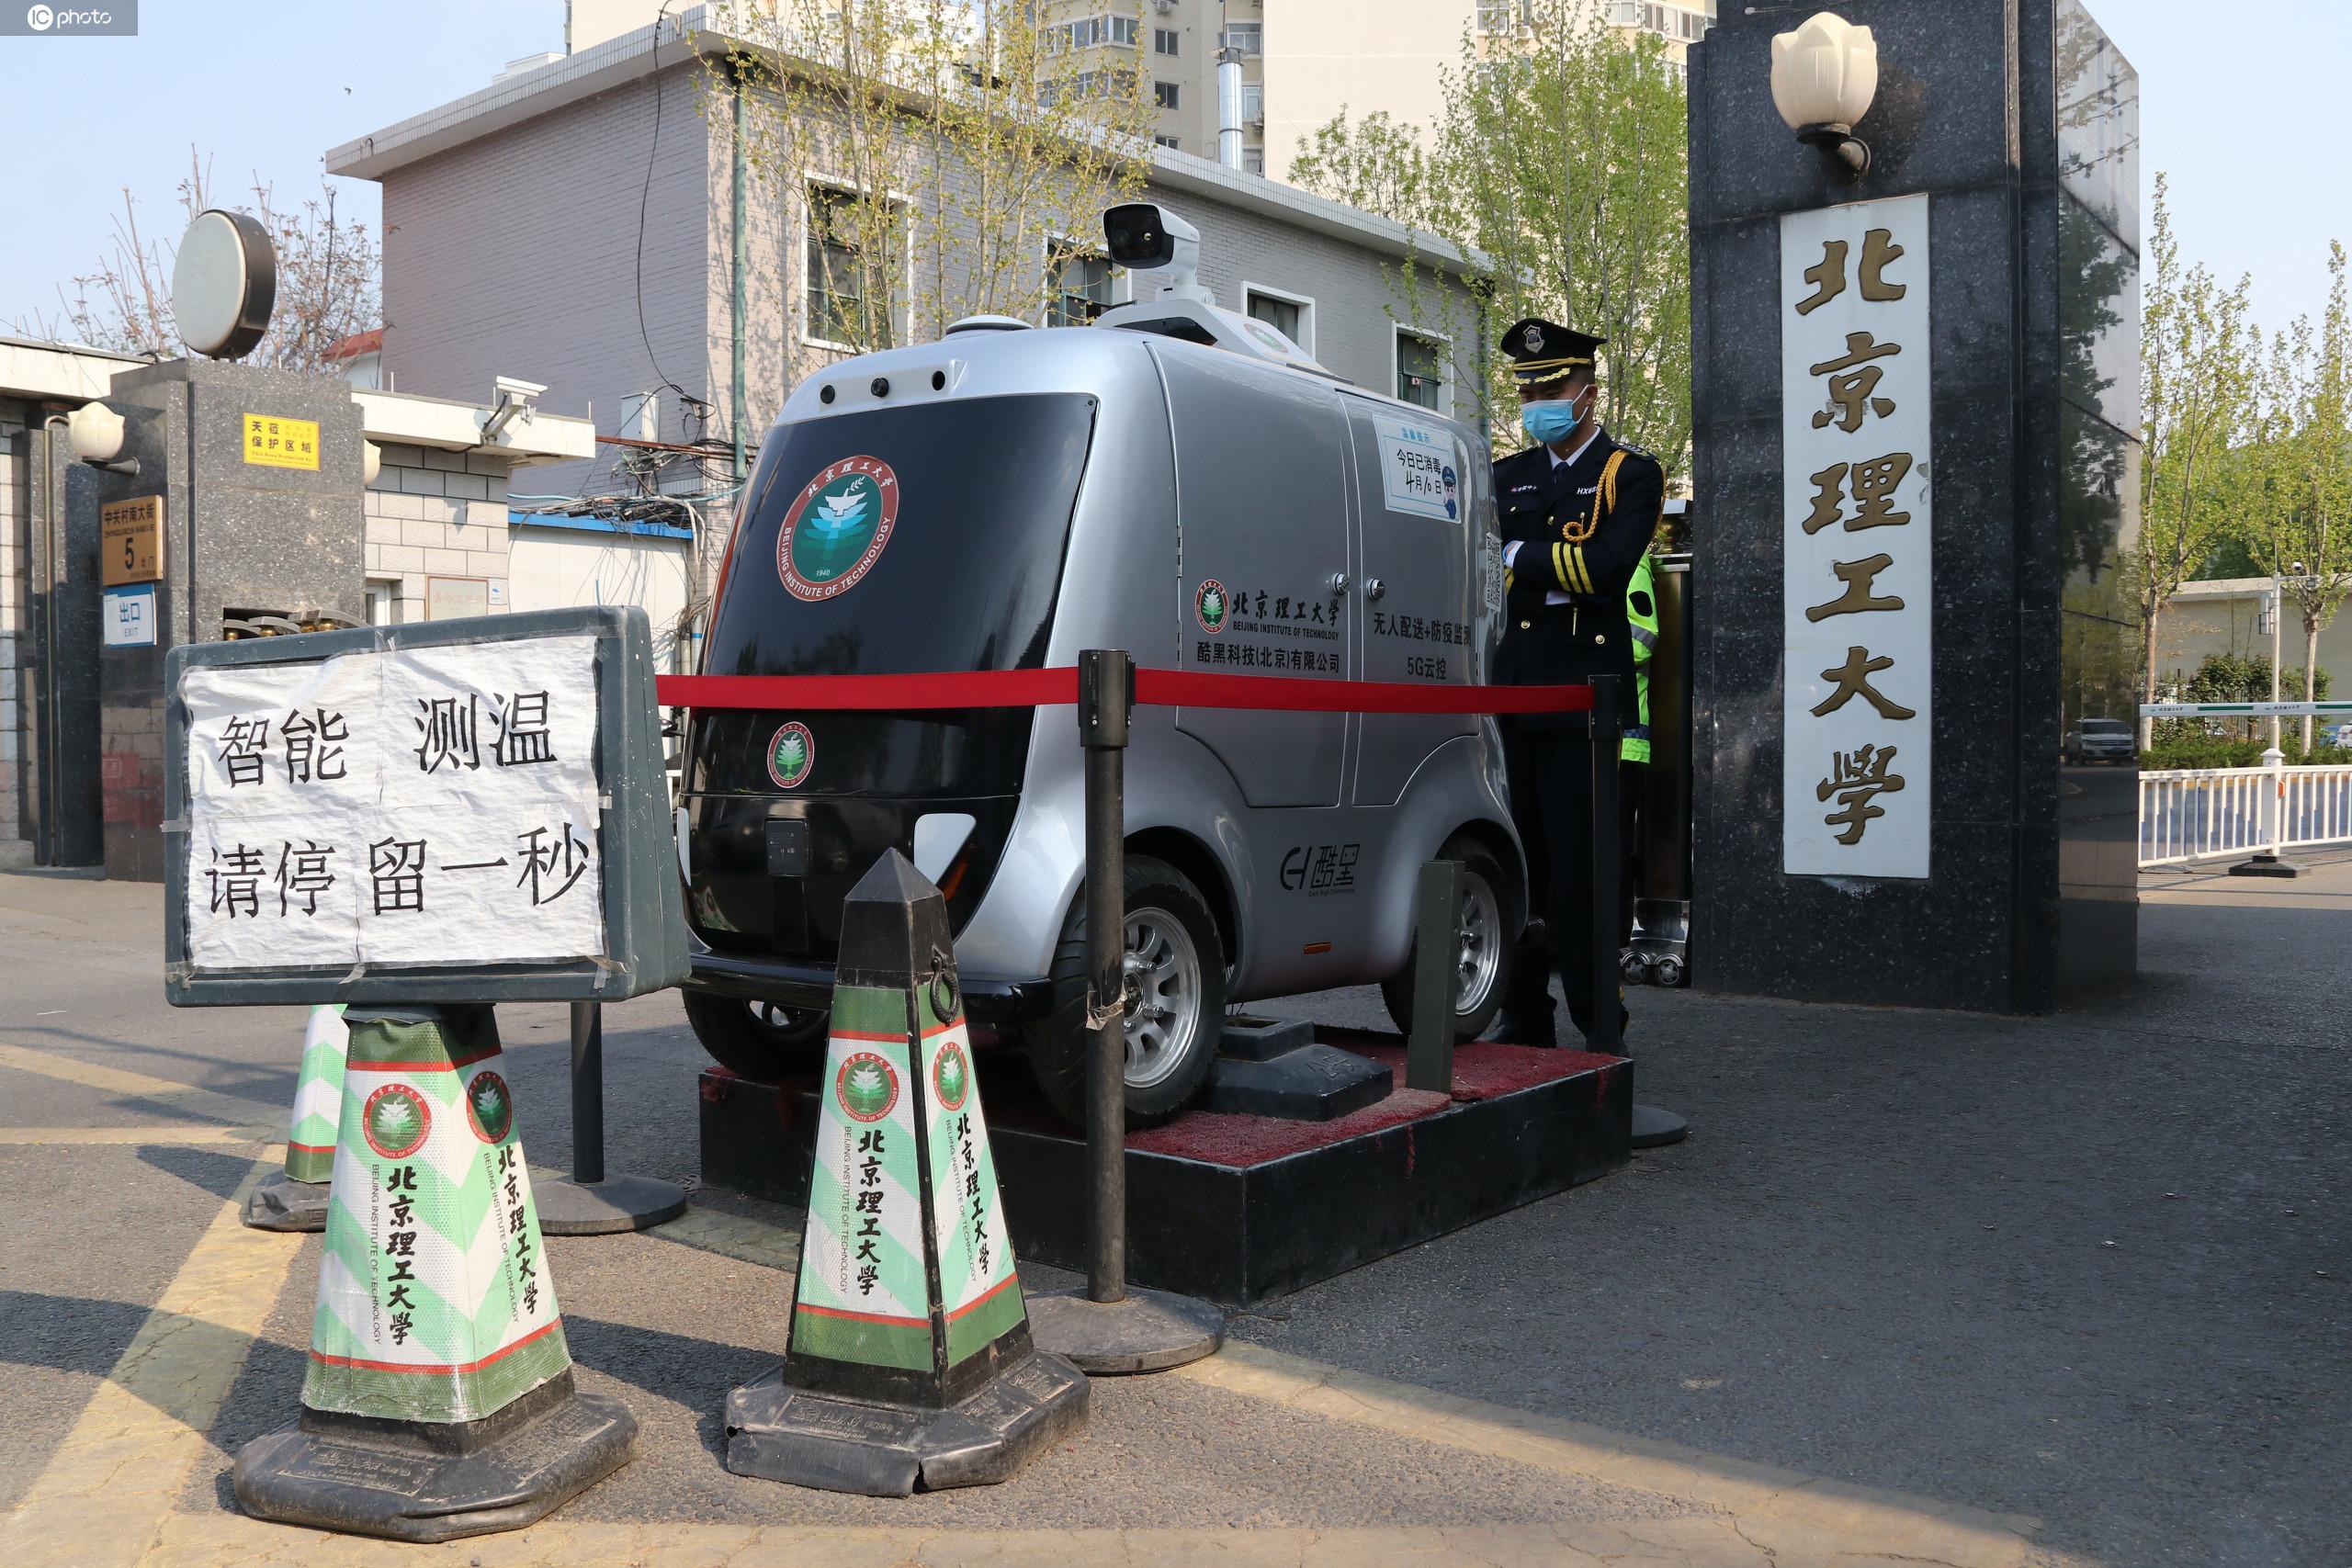 申请入驻 北京理工大学开发5G无人配送车支持人脸识别和体温检测